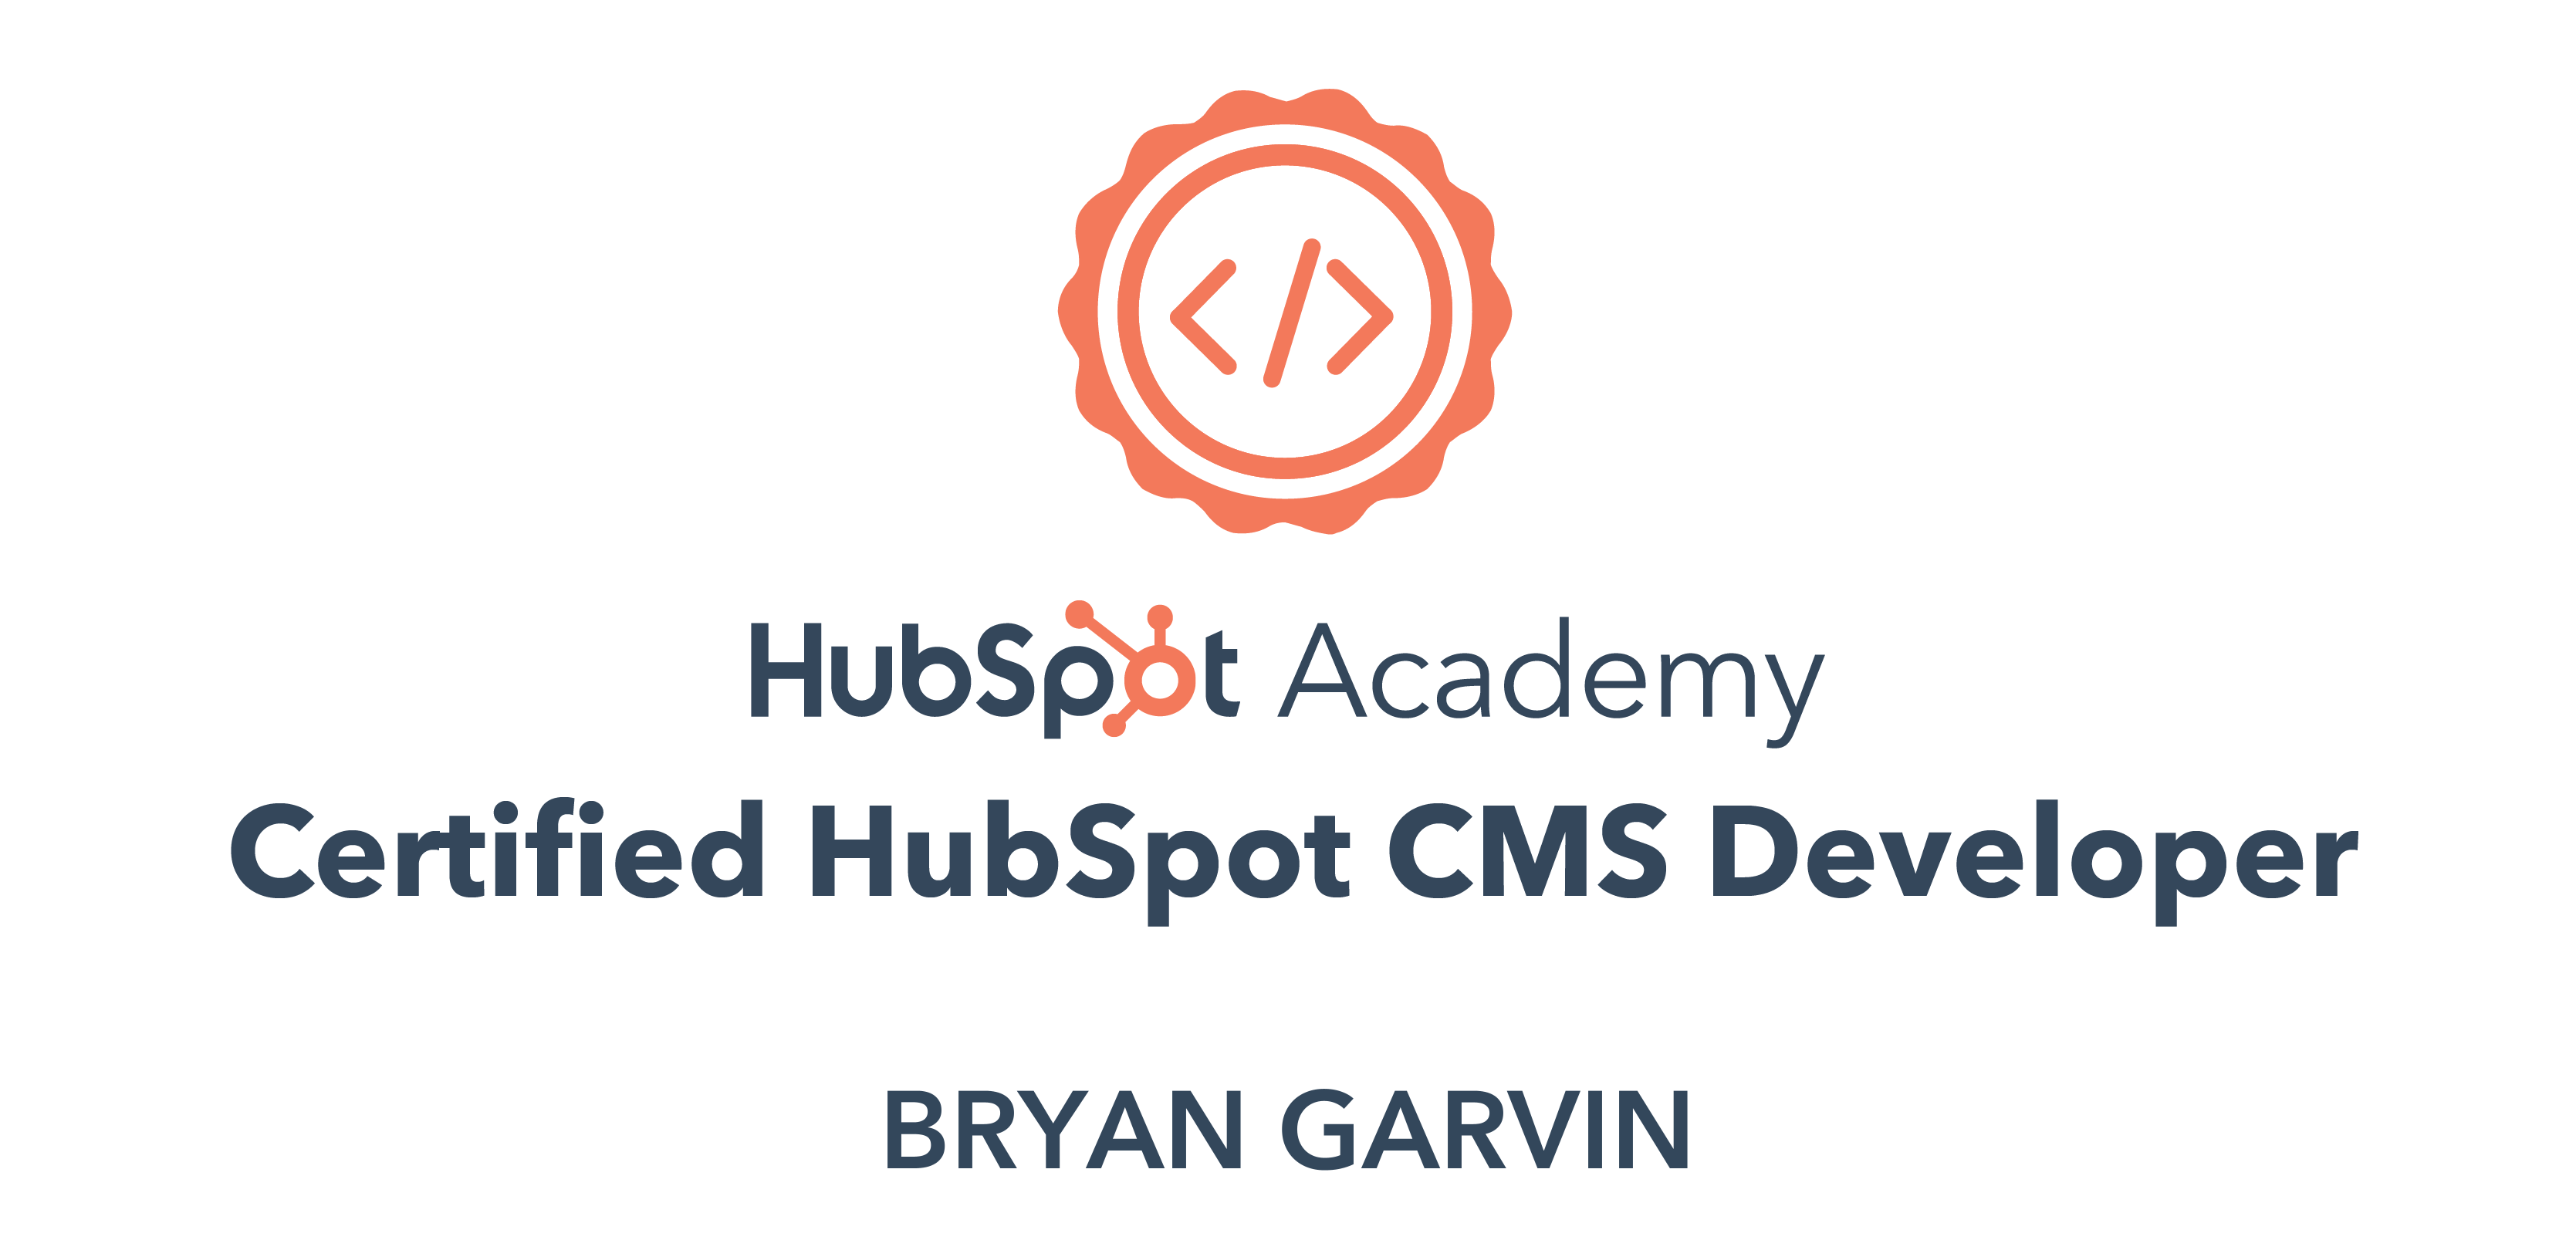 HubSpot Academy Certified HubSpot CMS Developer